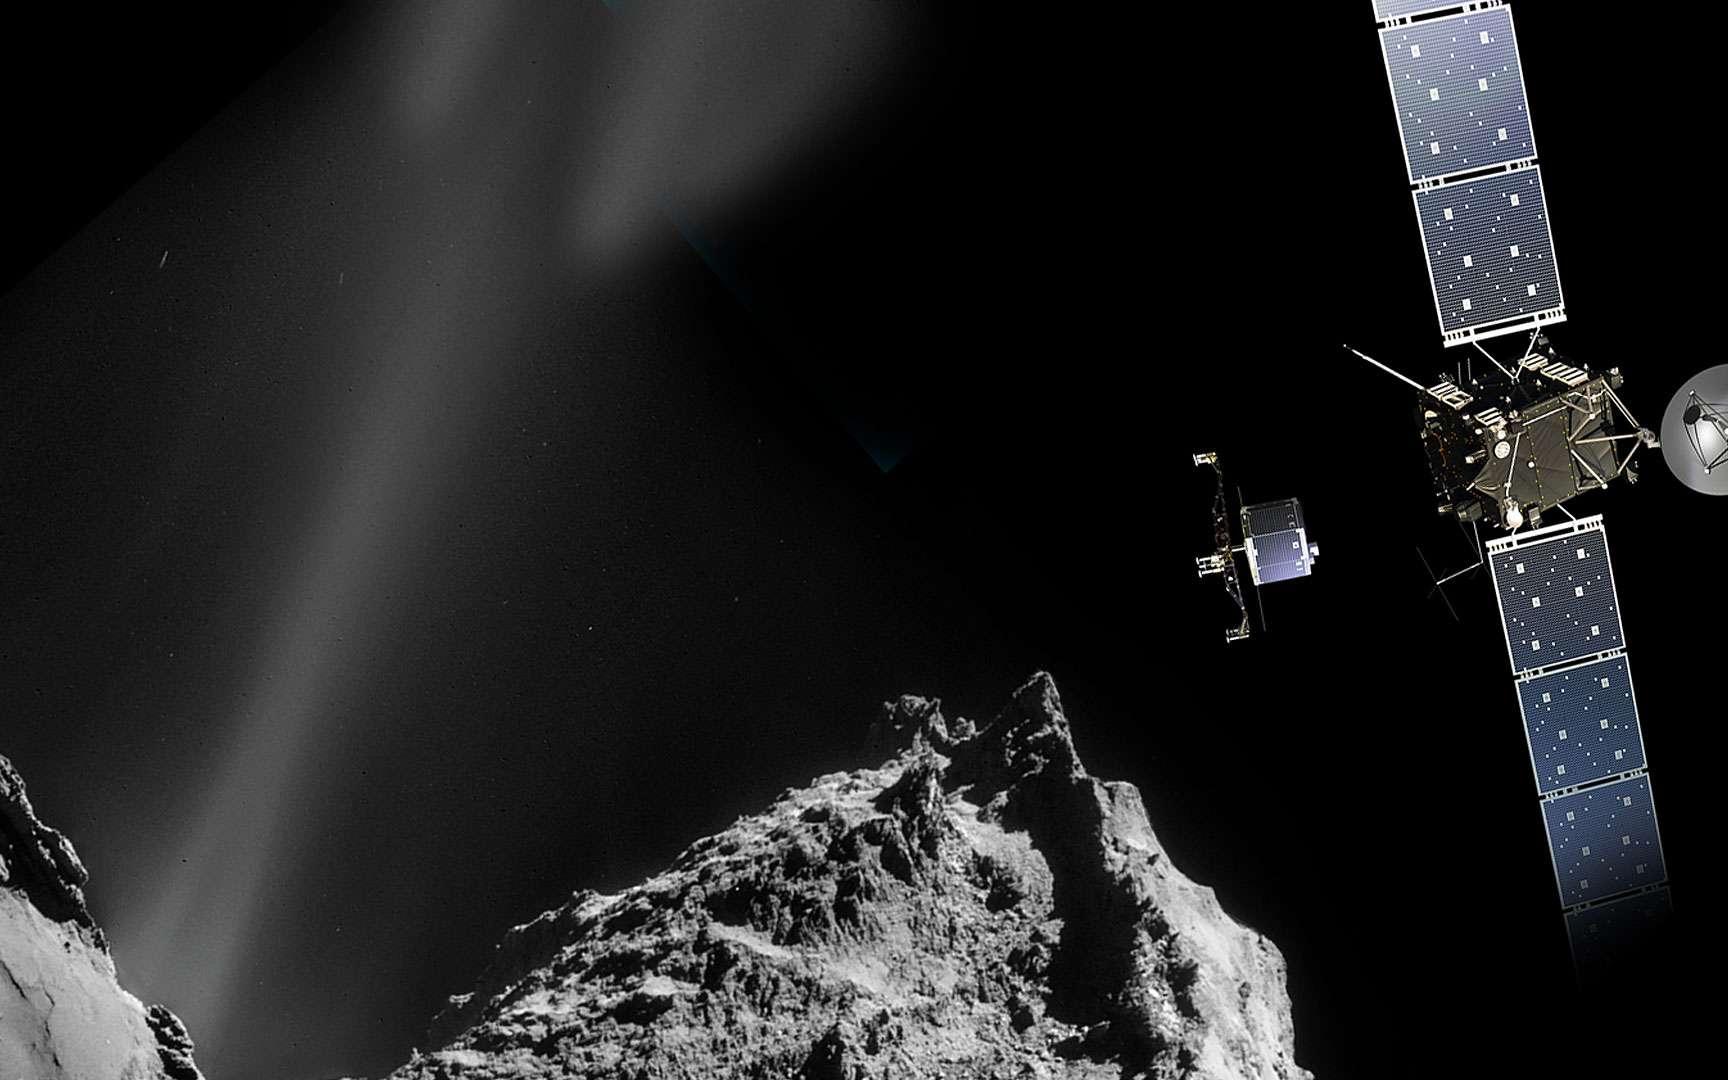 Vue d'artiste de Rosetta. La sonde ROSETTA a pour mission de recueillir des données sur la comète 67P, Churyumov-Gerasimenko. Sur son trajet, elle aura aussi observé les astéroïdes Steins et Lutèce. Elle dispose d'un petit atterrisseur, Philae, qui se posera sur la comète. © ESA – CNES - ARIANESPACE / SERVICE OPTIQUE DU CSG